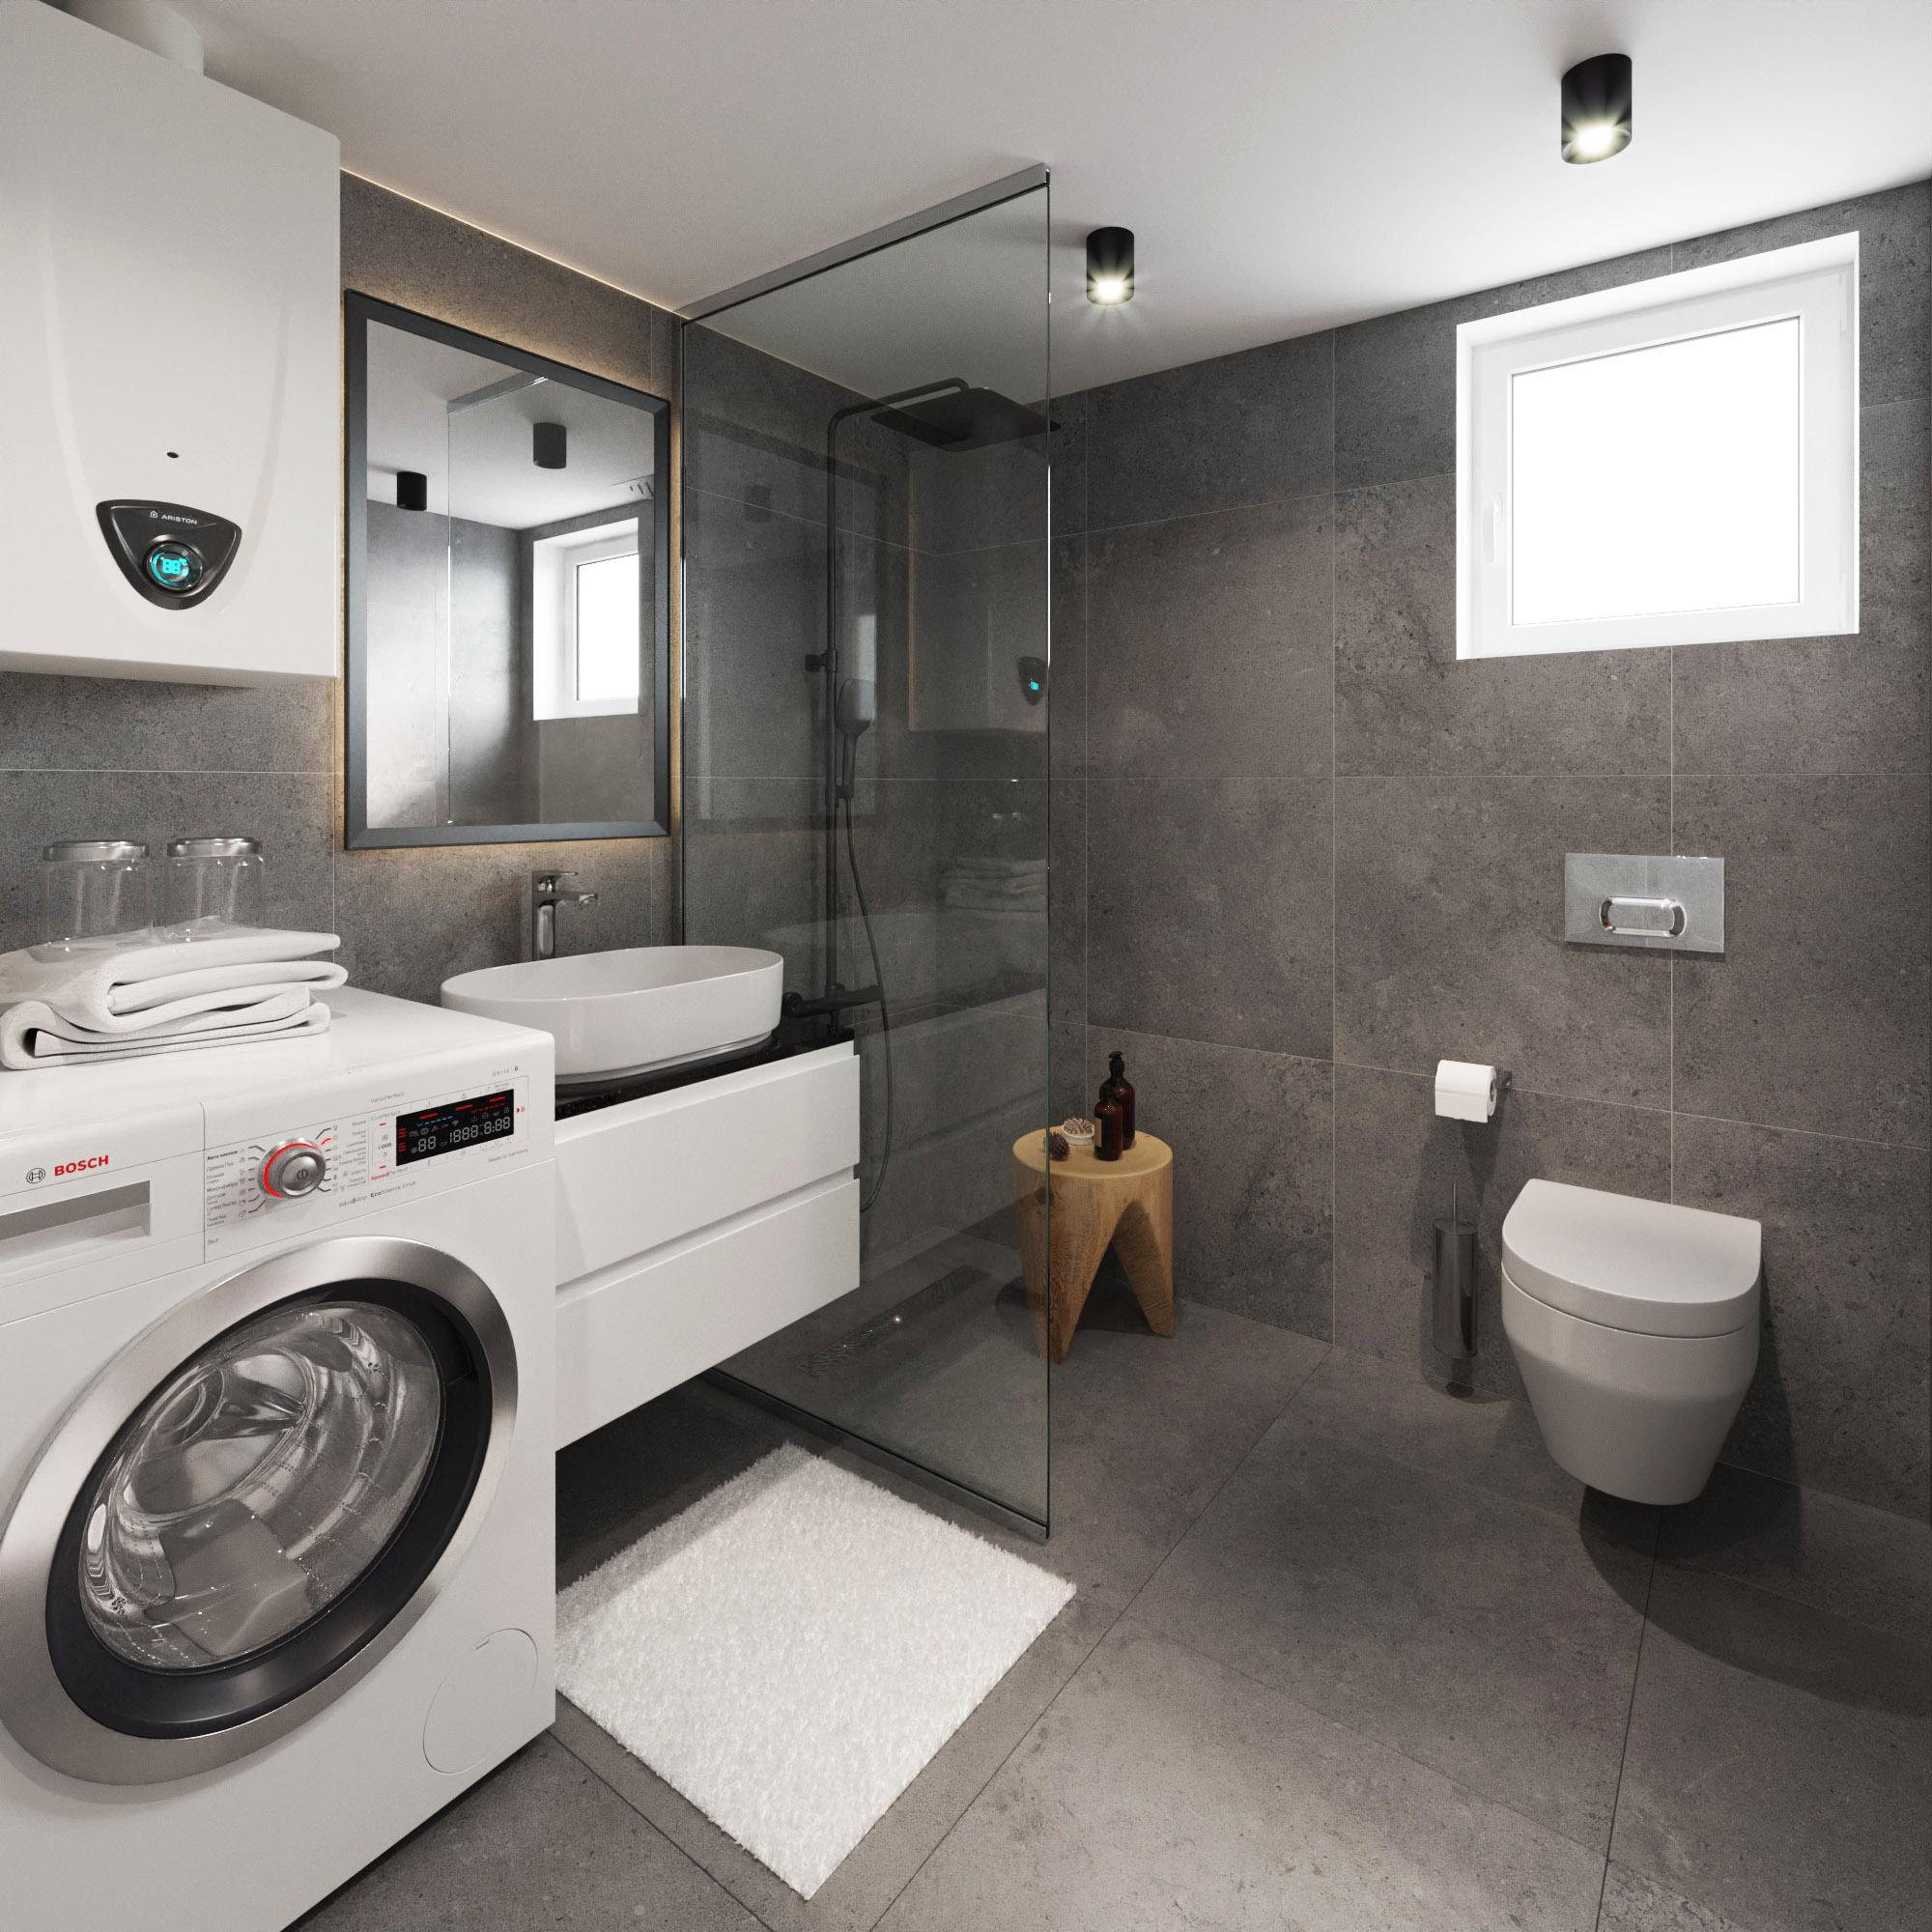 Anneks til sommerhus med badeværelse og toilet fra www.solundliving.dk